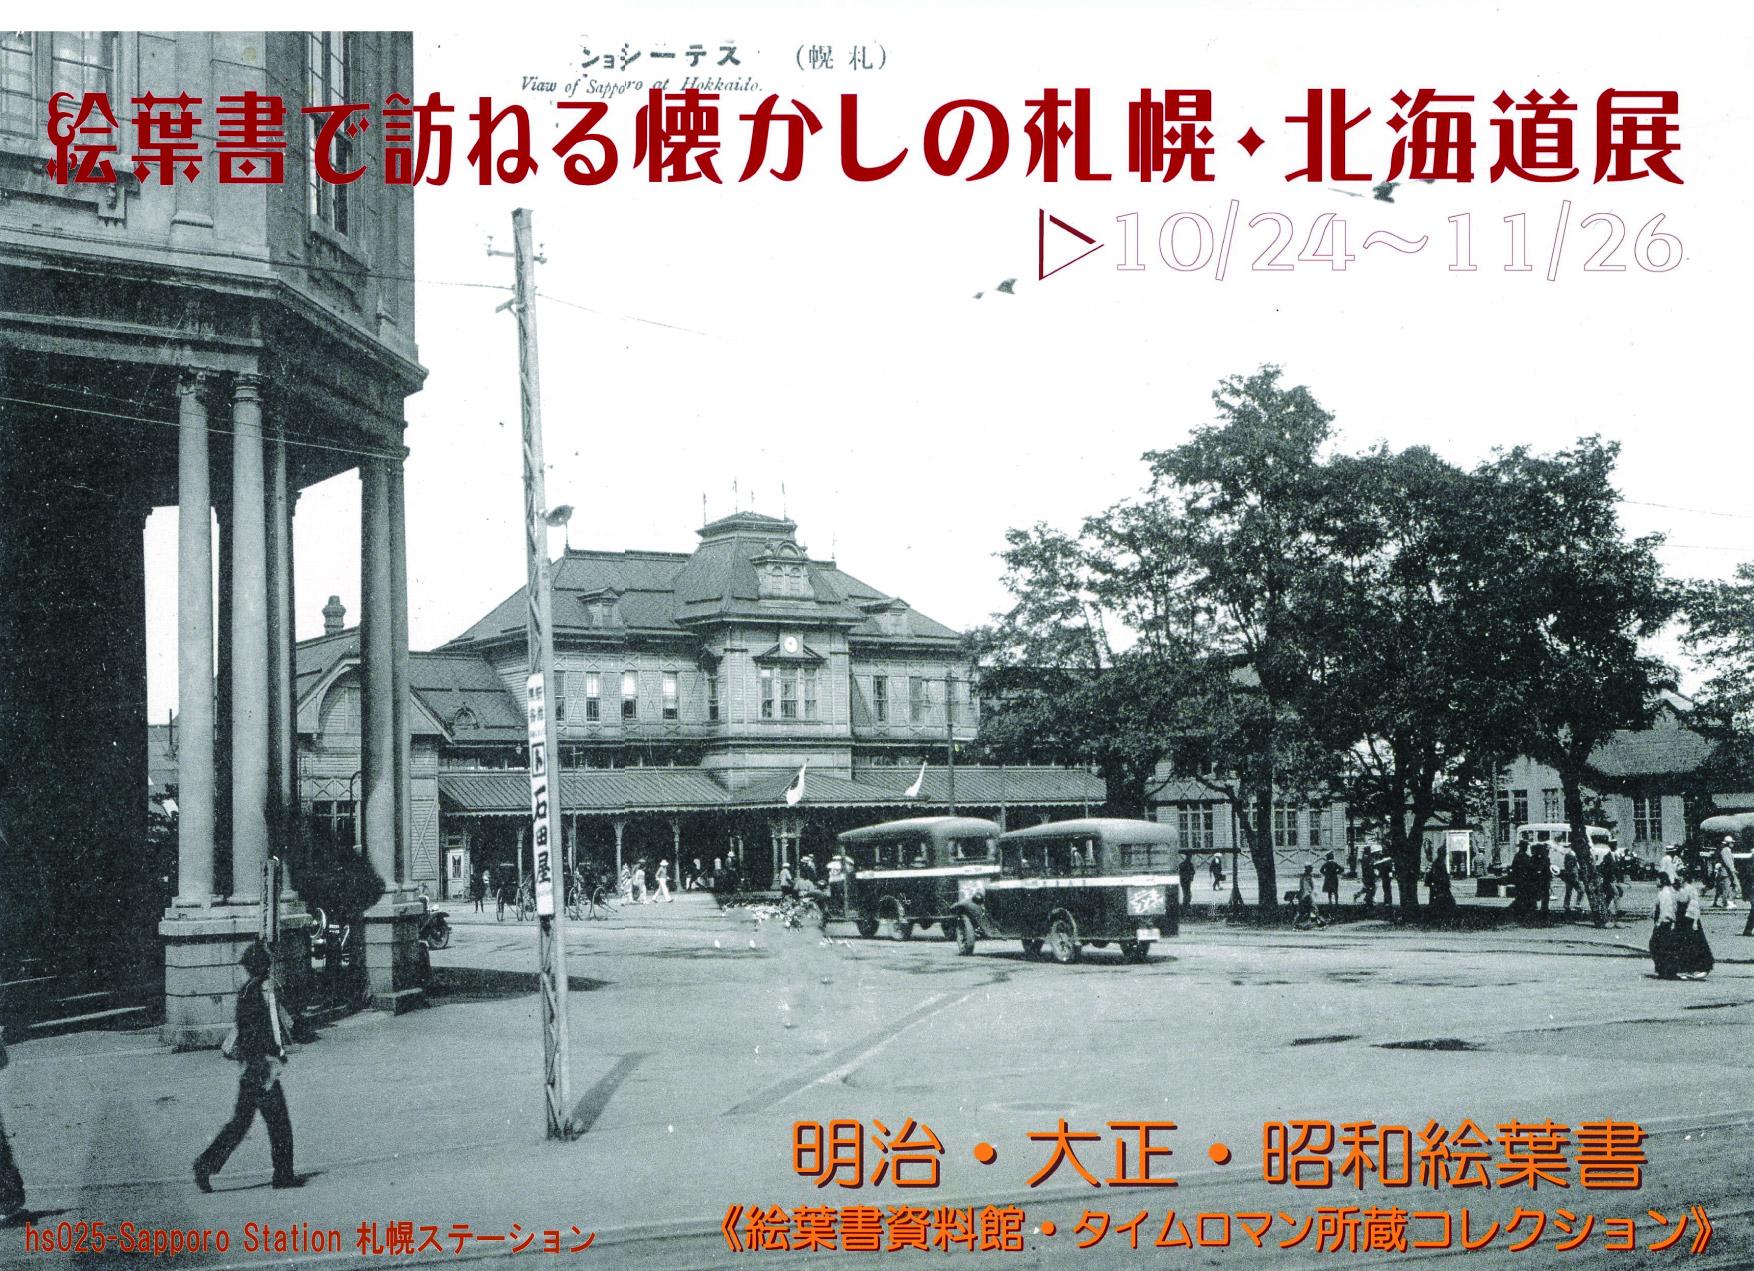 紀伊國屋書店:【延長決定!】絵はがきで訪ねる懐かしの札幌・北海道展